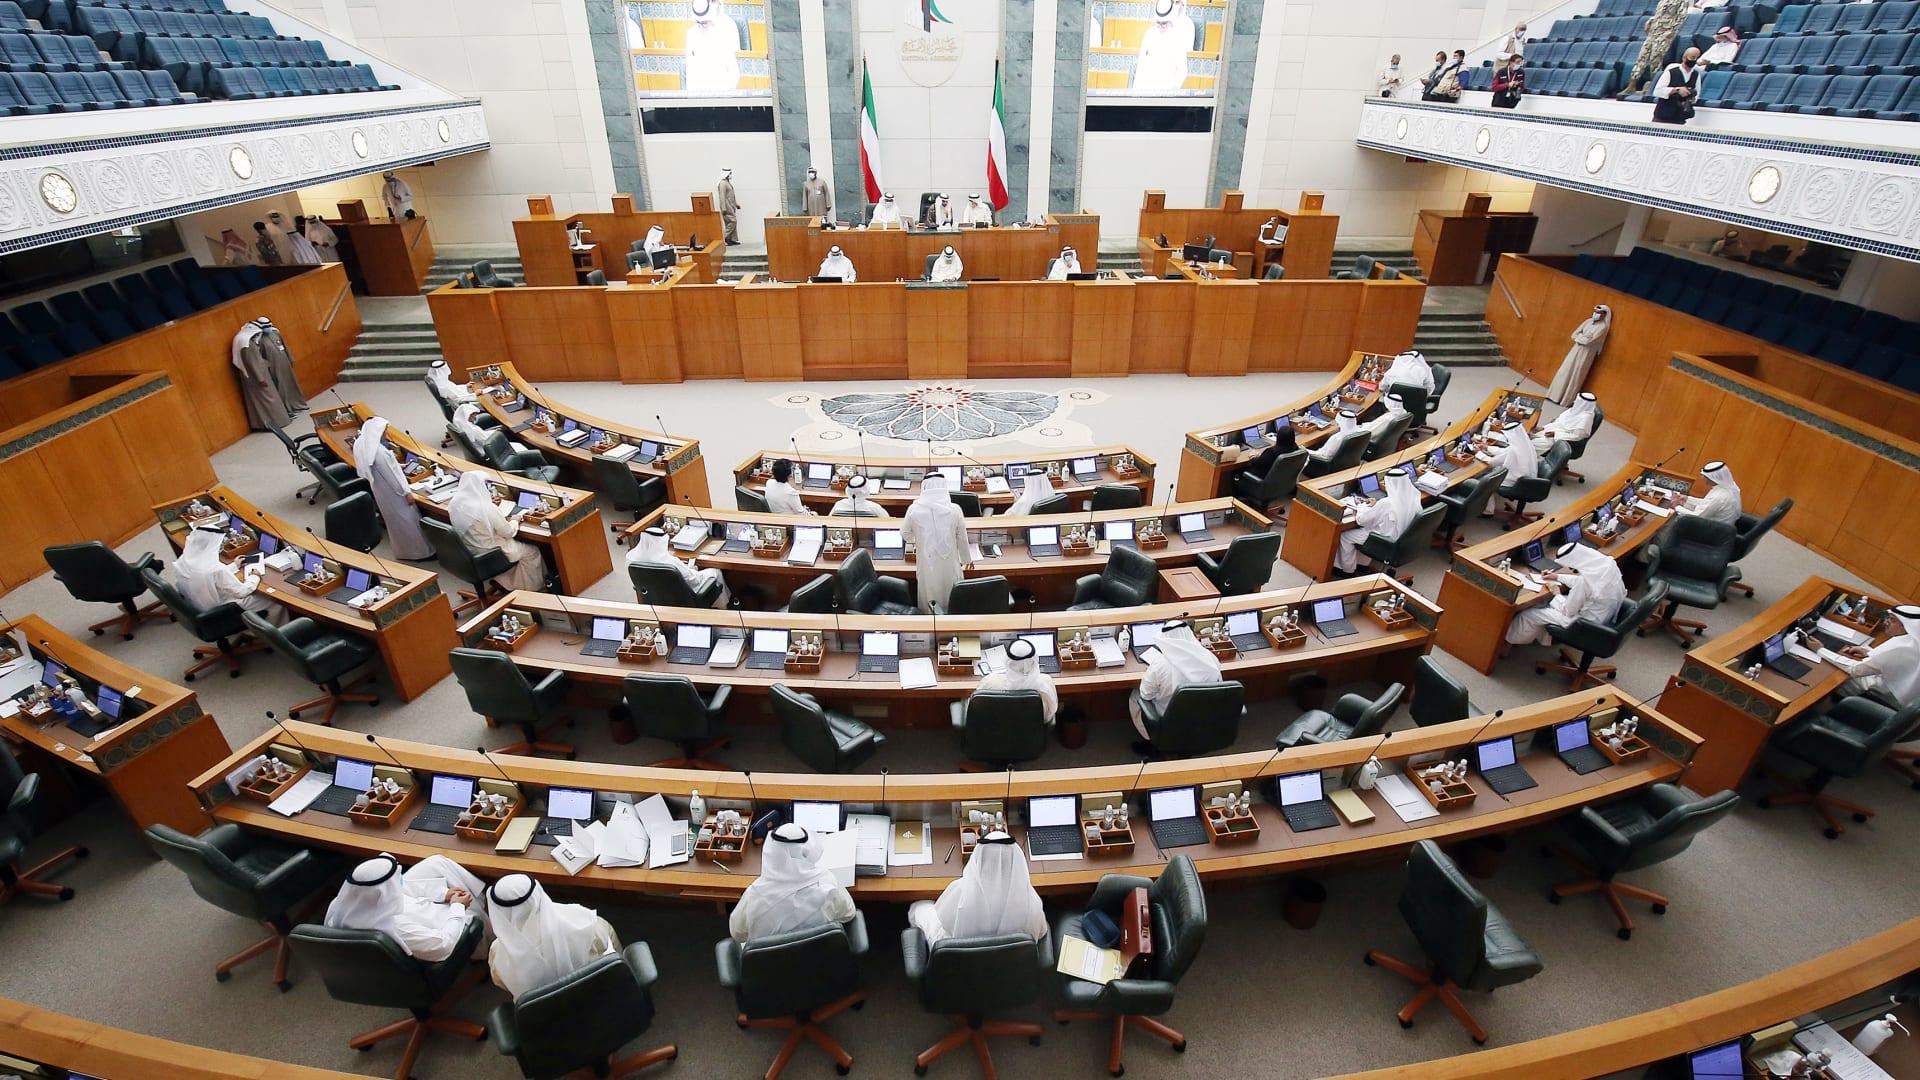 مجلس الأمة الكويتي يبايع بالإجماع الشيخ مشعل الأحمد الجابر الصباح وليا للعهد